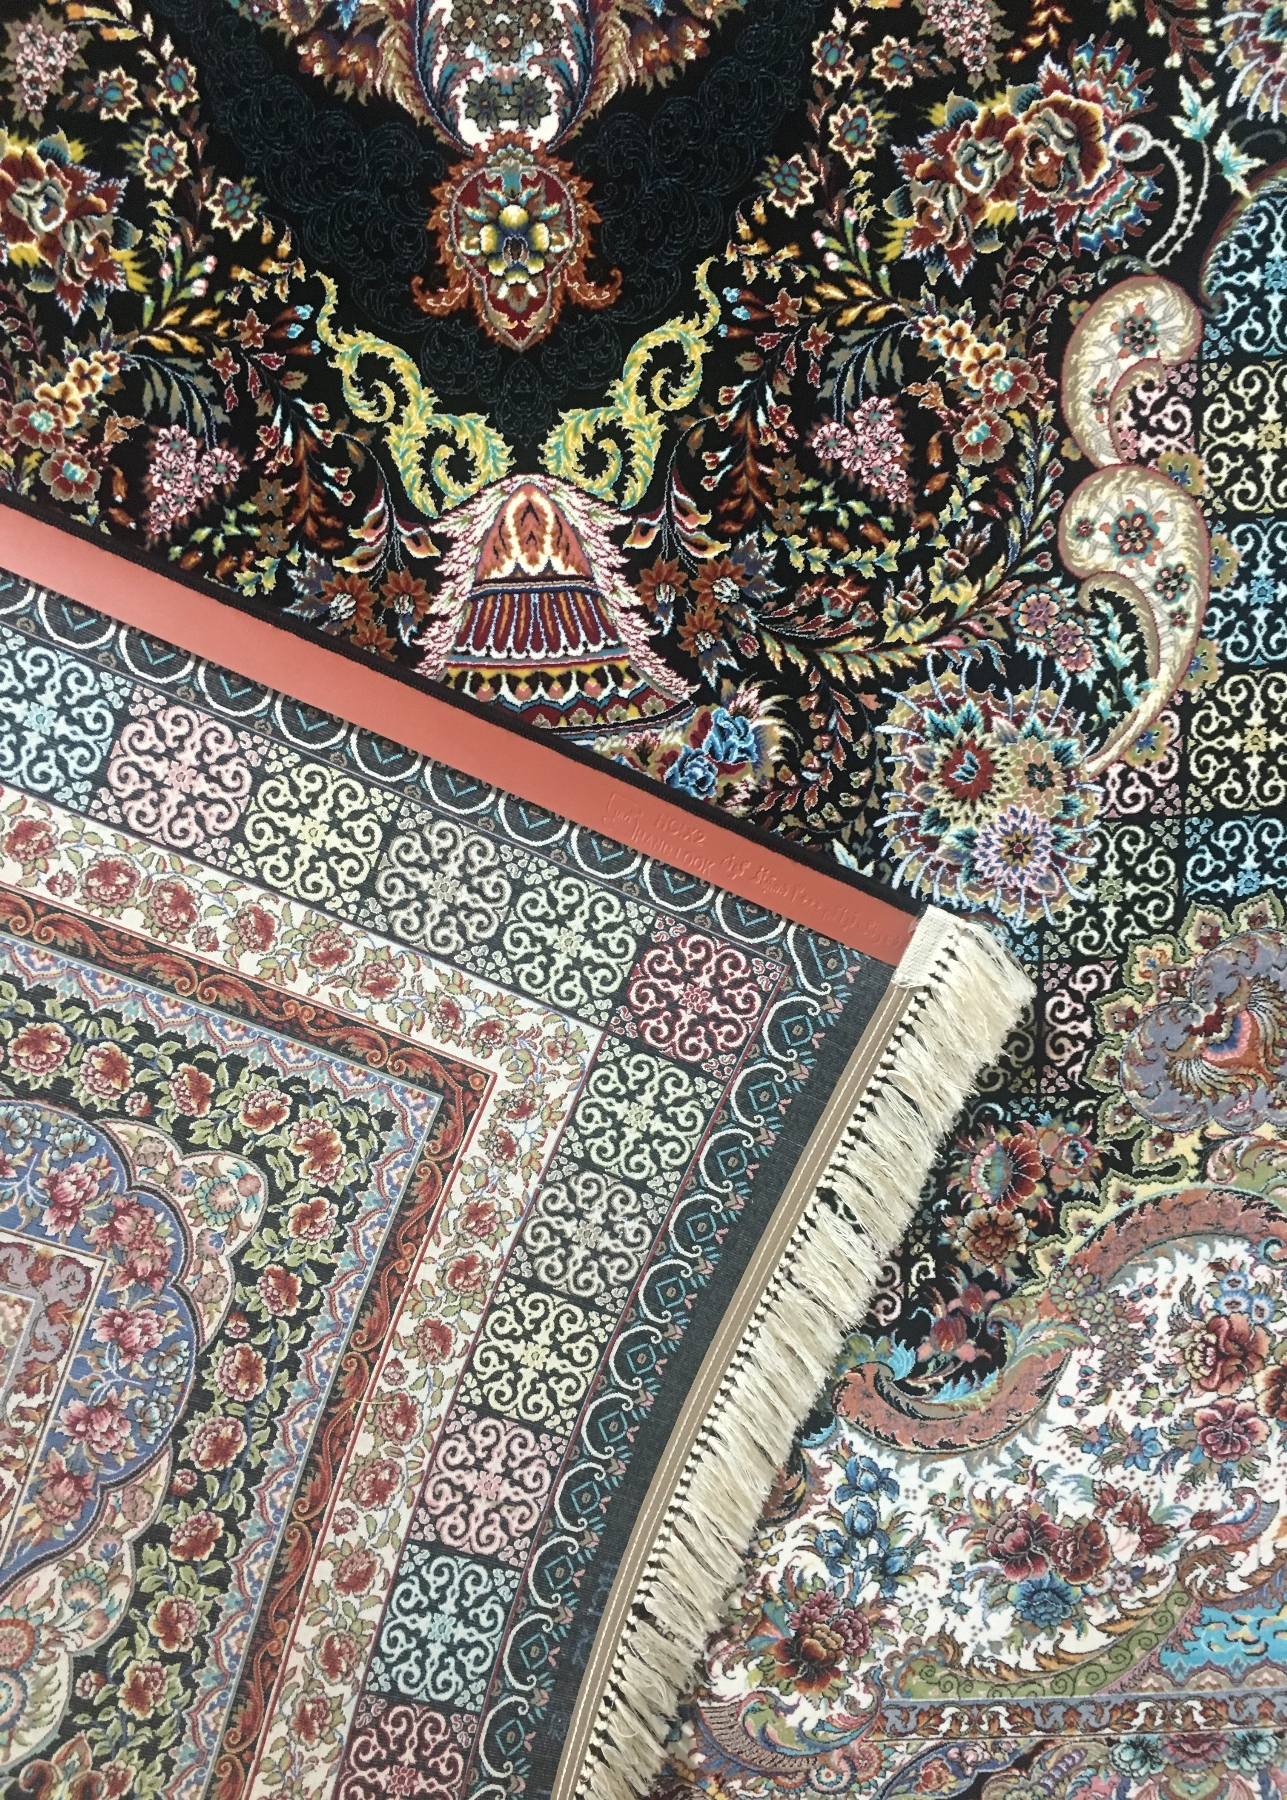 فرش ۱۰۰۰ شانه تراکم ۳۰۰۰ طرح تندیس سرمه ای پشت فرش